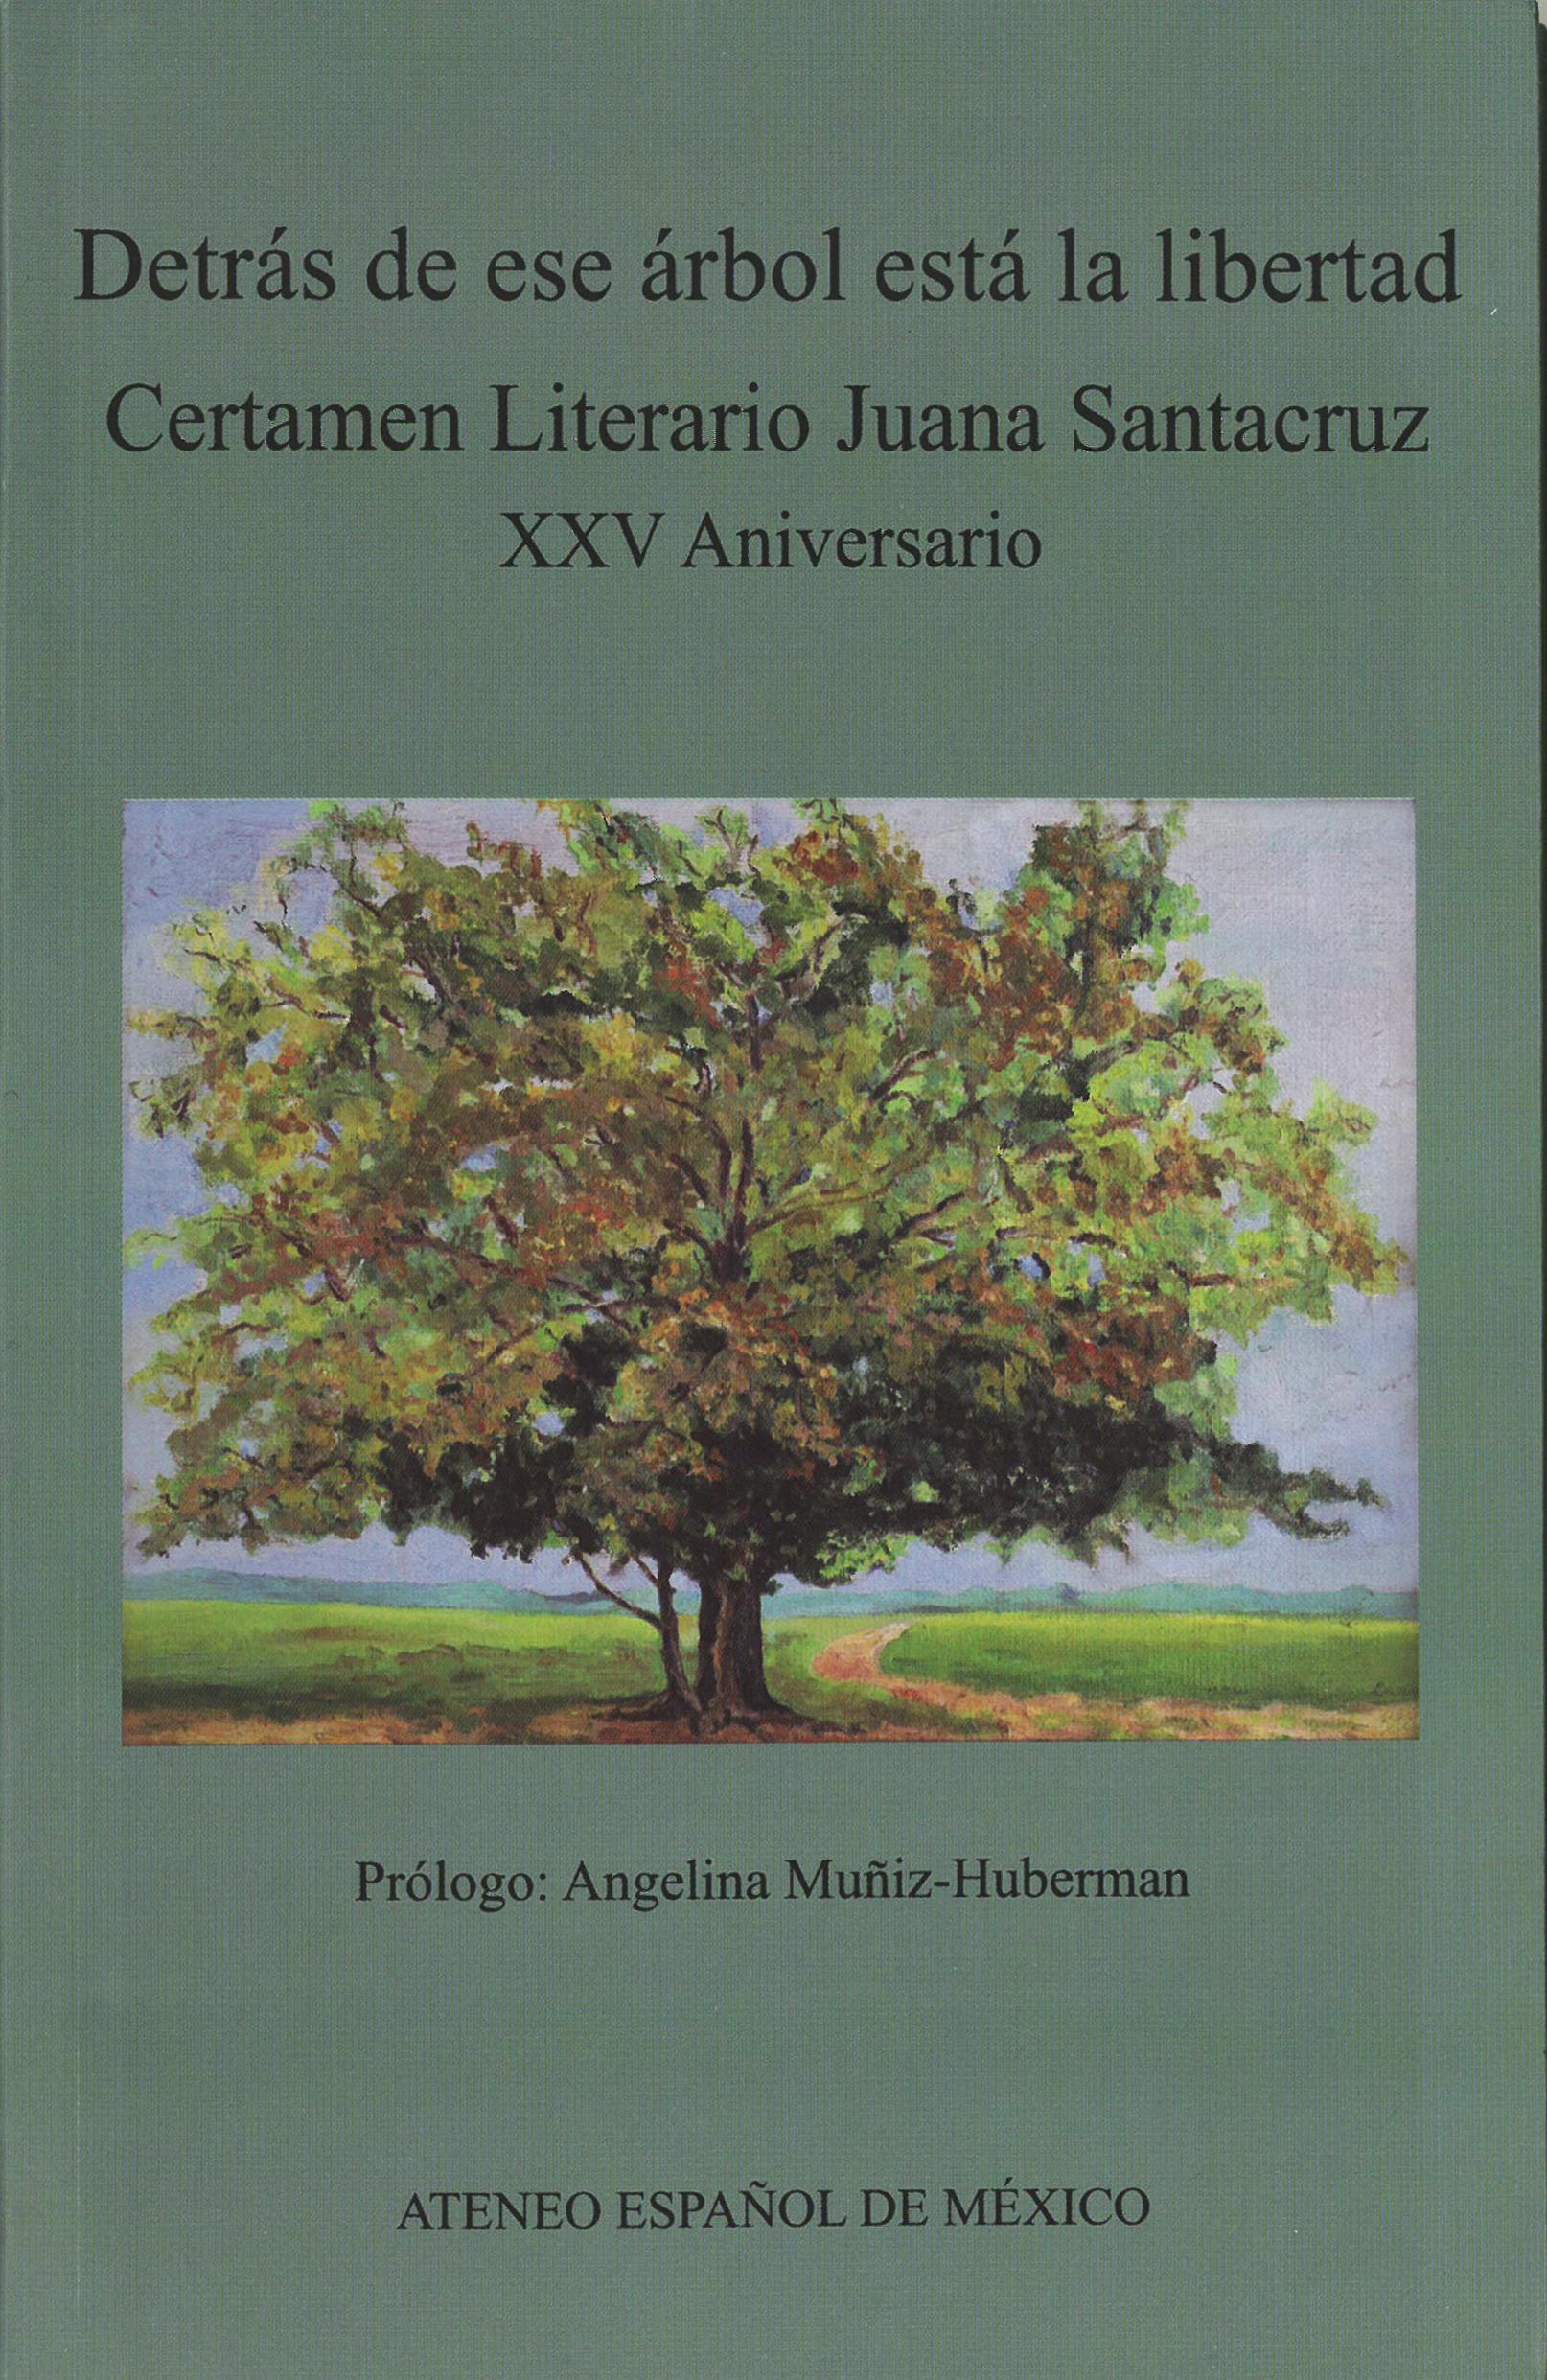 Detrás de ese árbol está la libertad. Certamen Literario Juana Santacruz. XXV Aniversario. Image